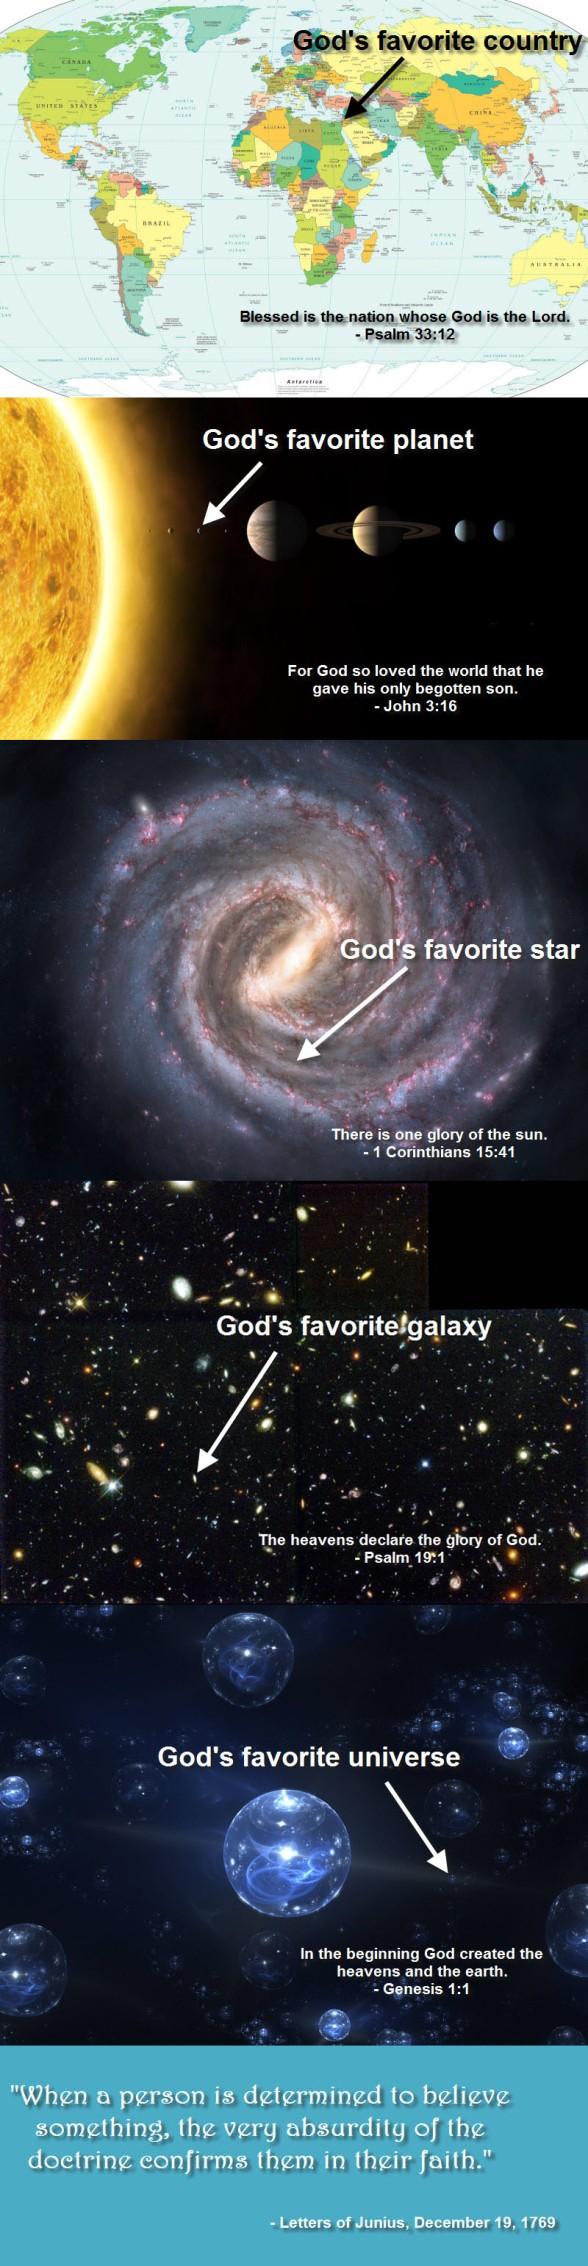 Zdjęcie użytkownika Richyard w temacie Gdyby Bóg stanął przed tobą